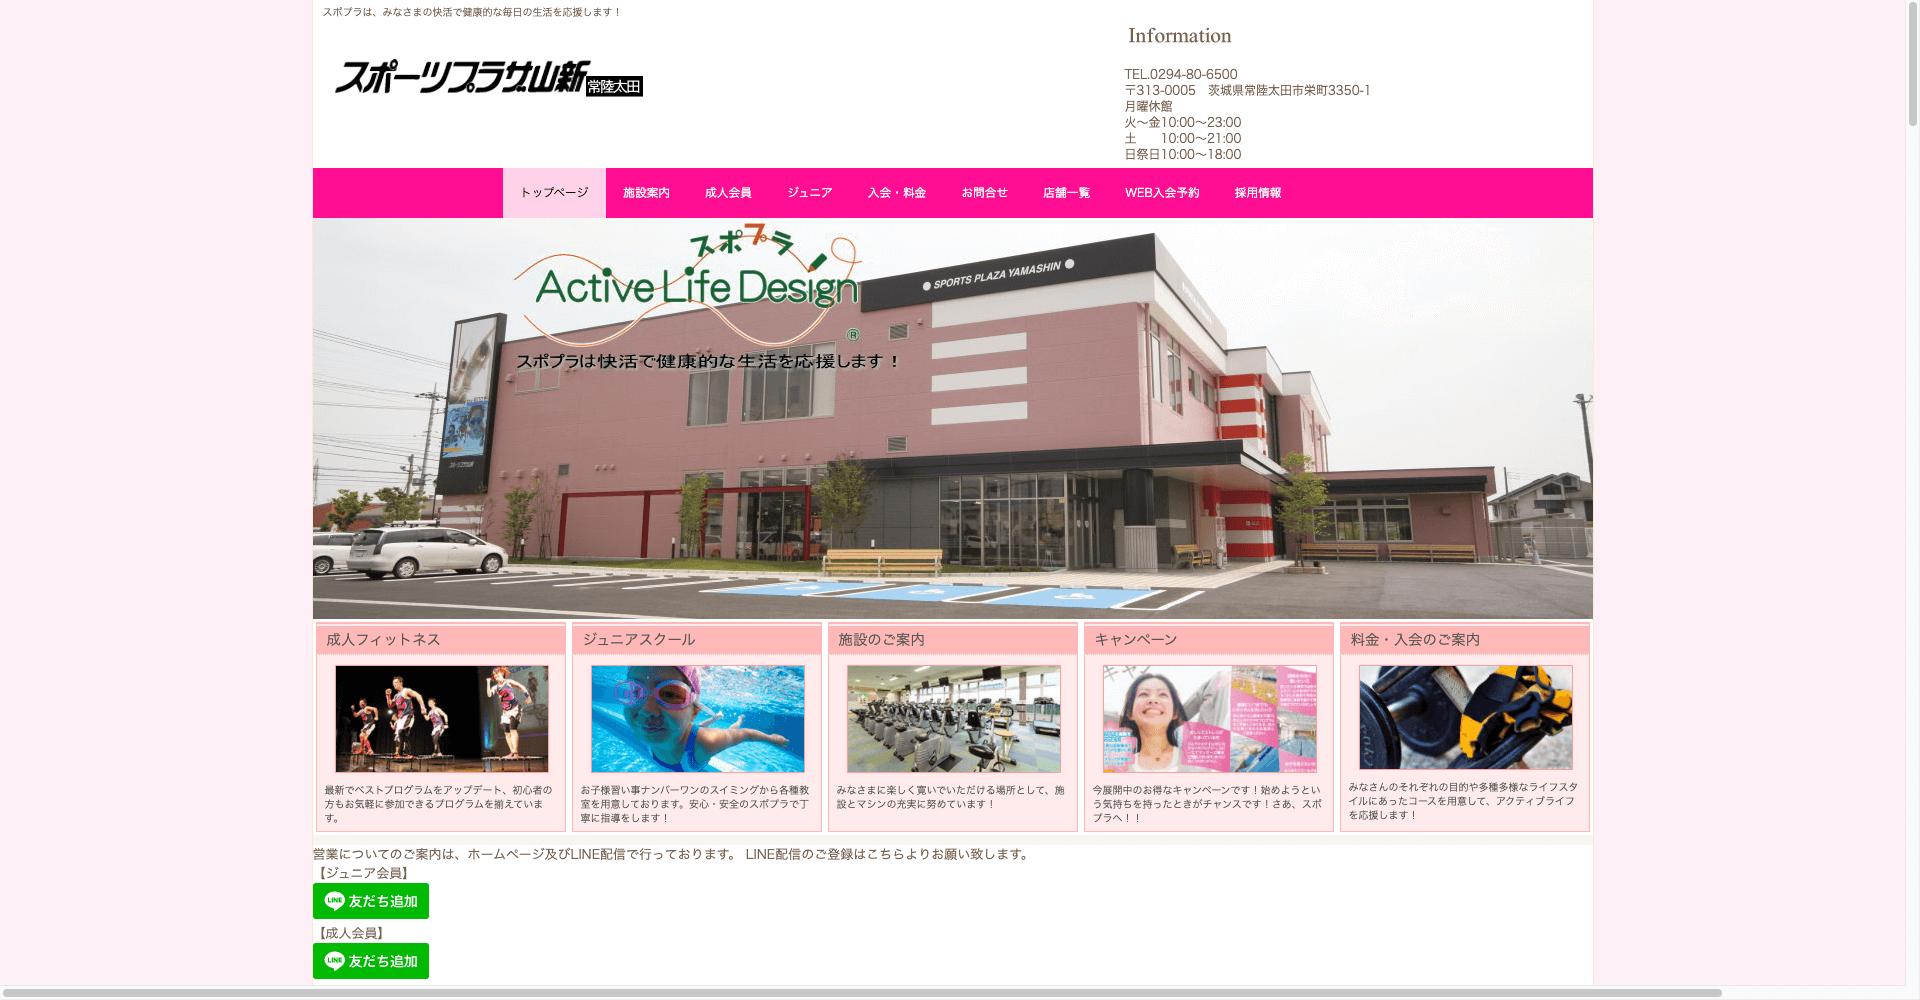 スポーツ プラザ 山 新 常陸 太田